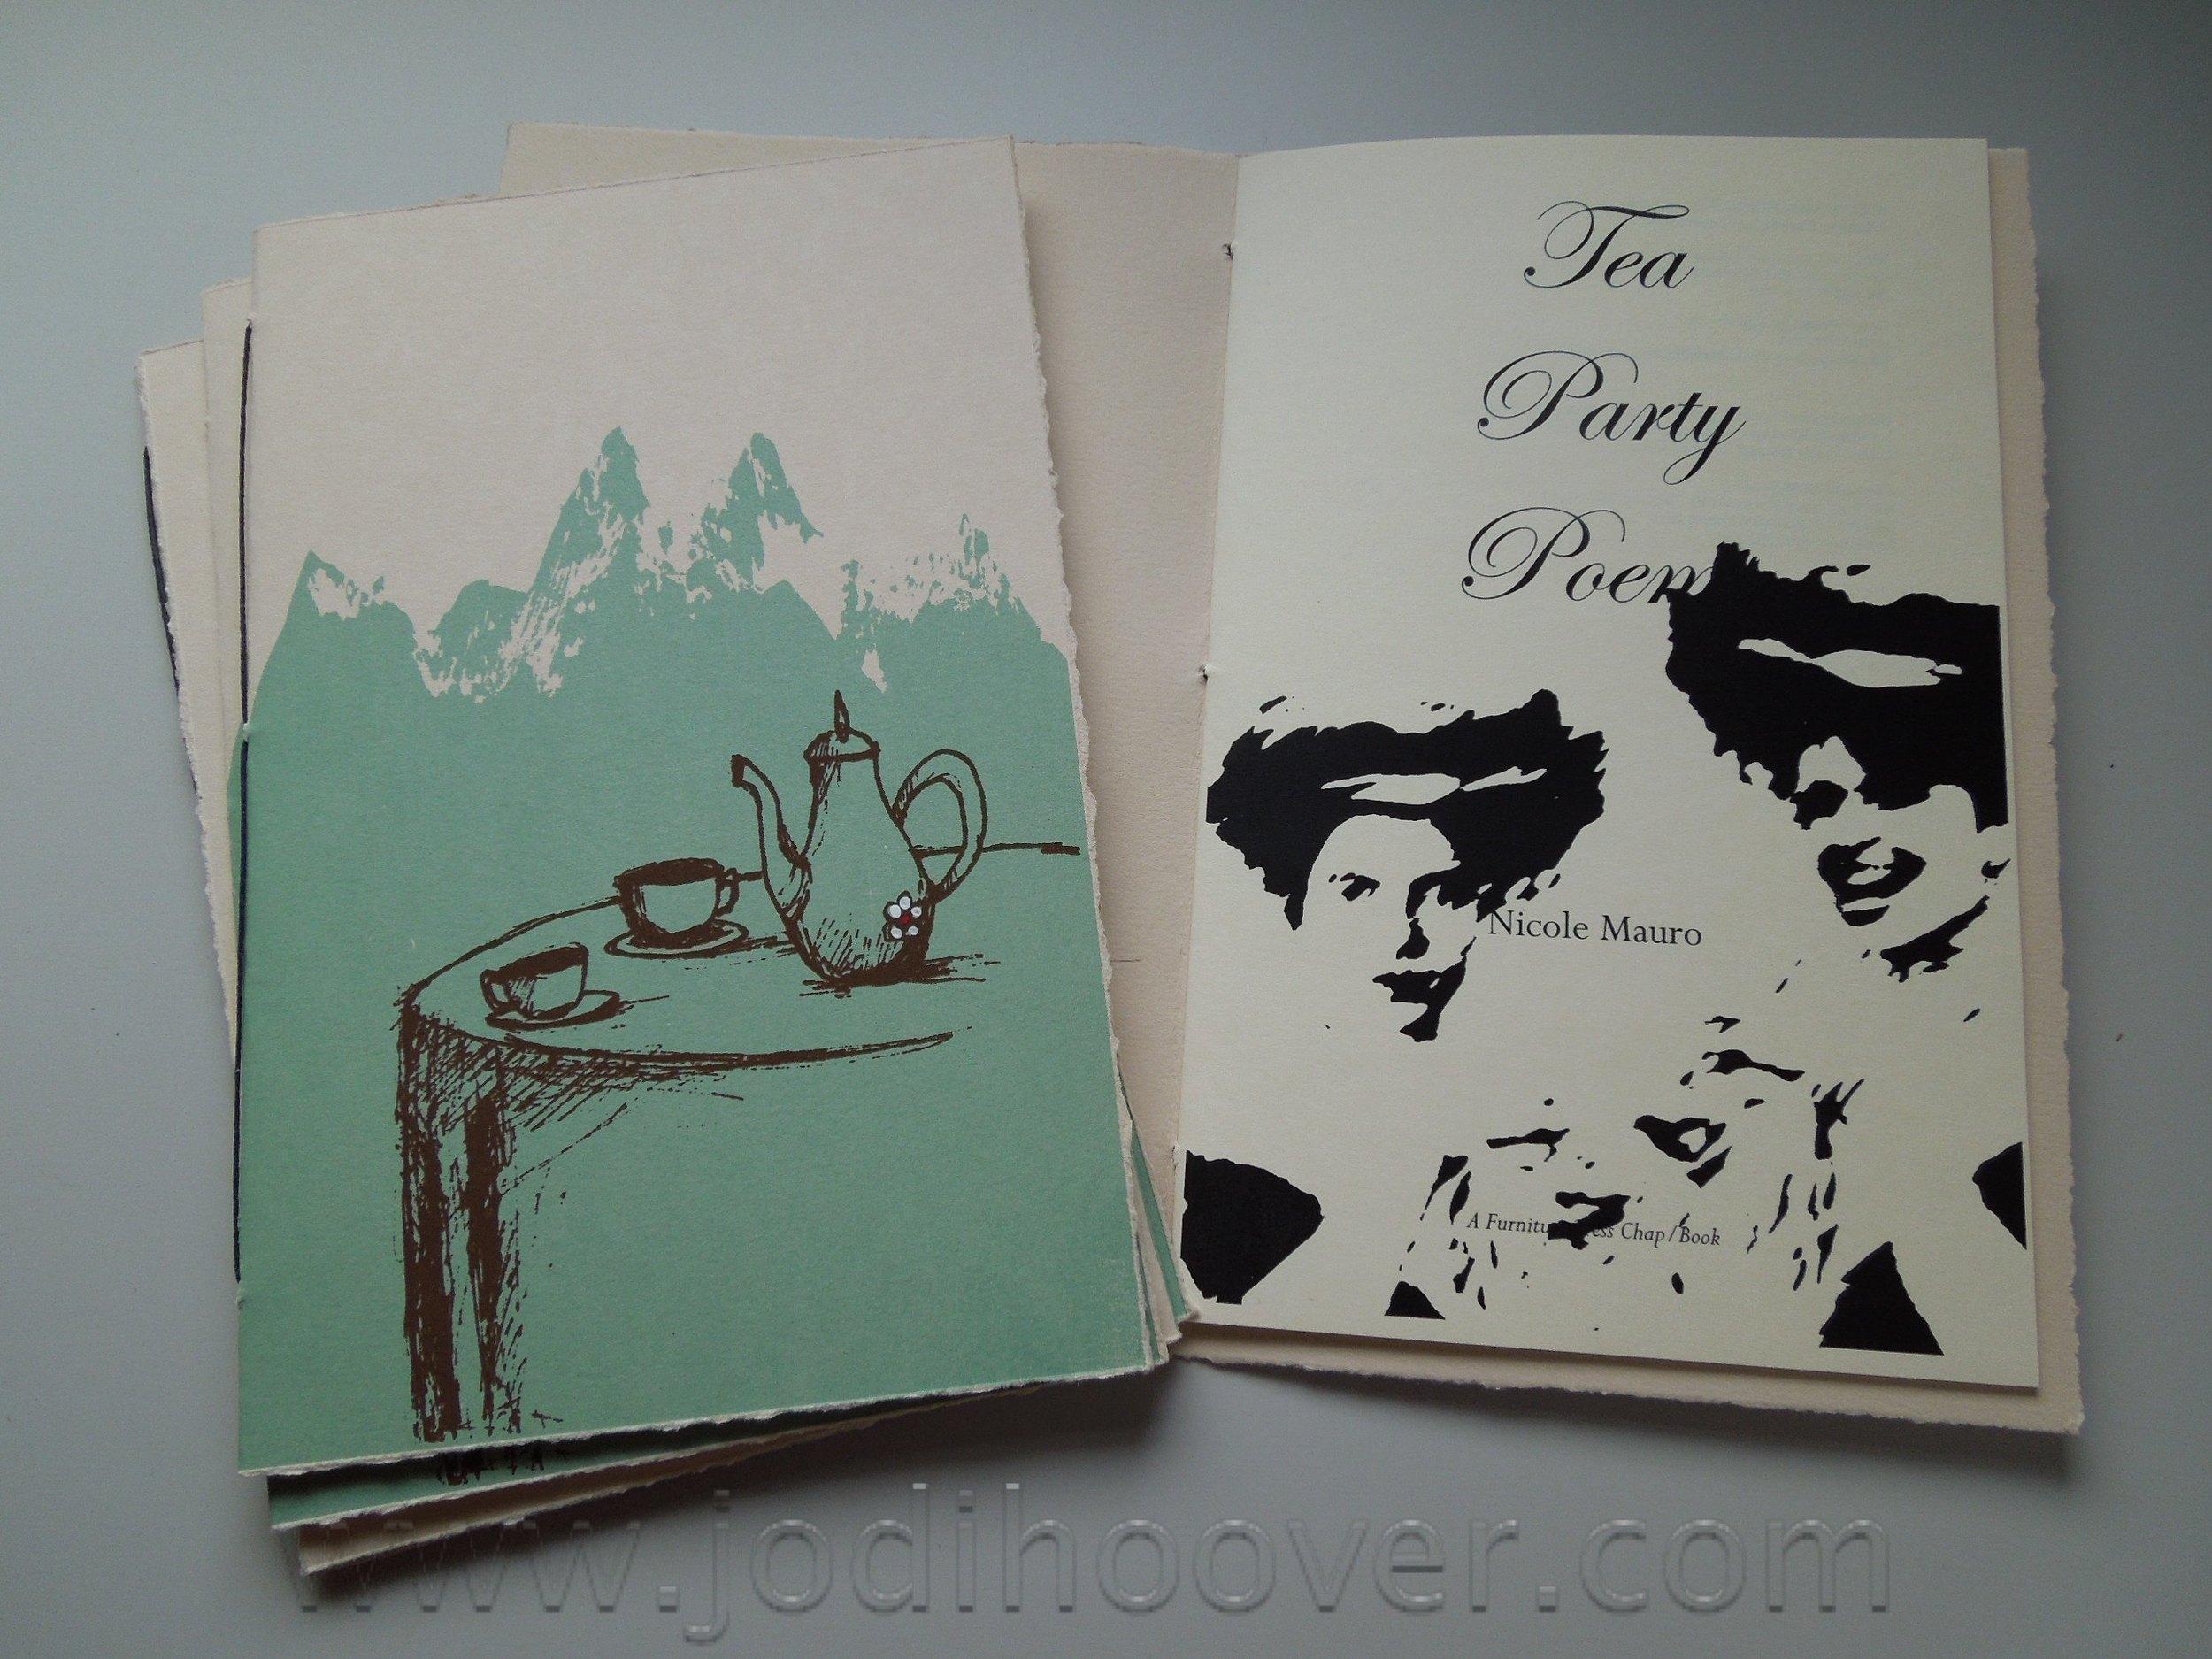 Tea Party Poems, 2011